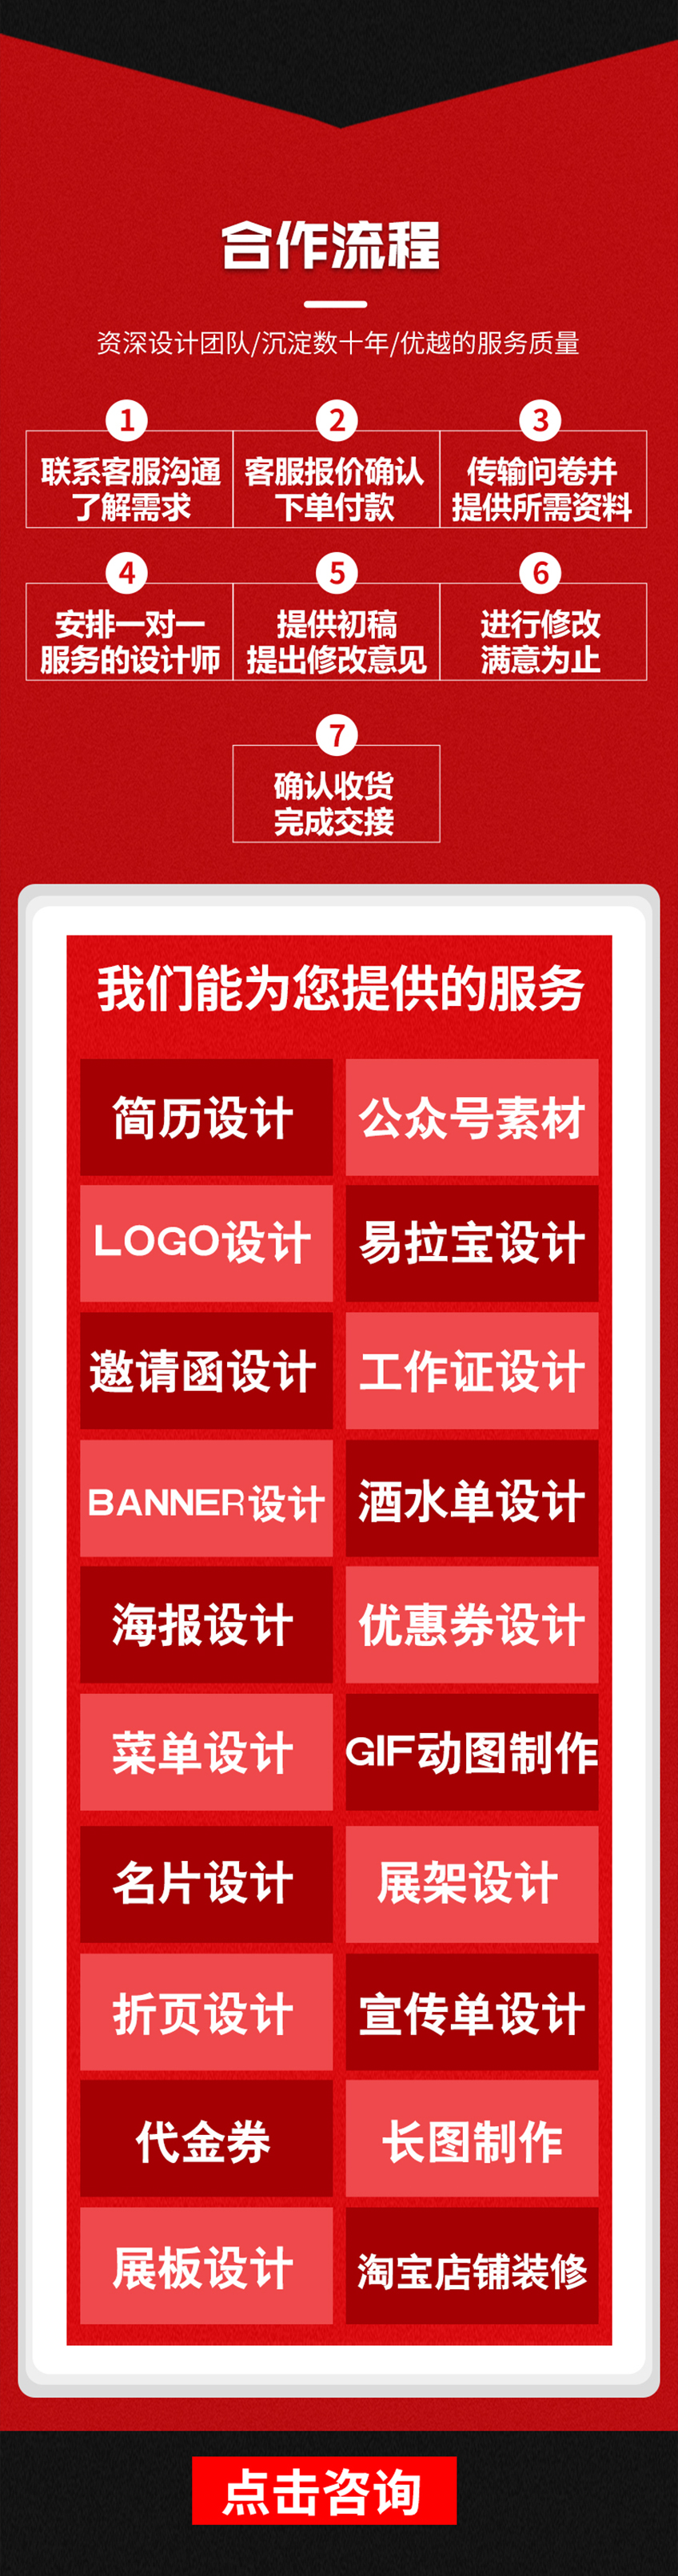 _企业公司品牌logo设计图文原创标志商标LOGO图标平面设计2